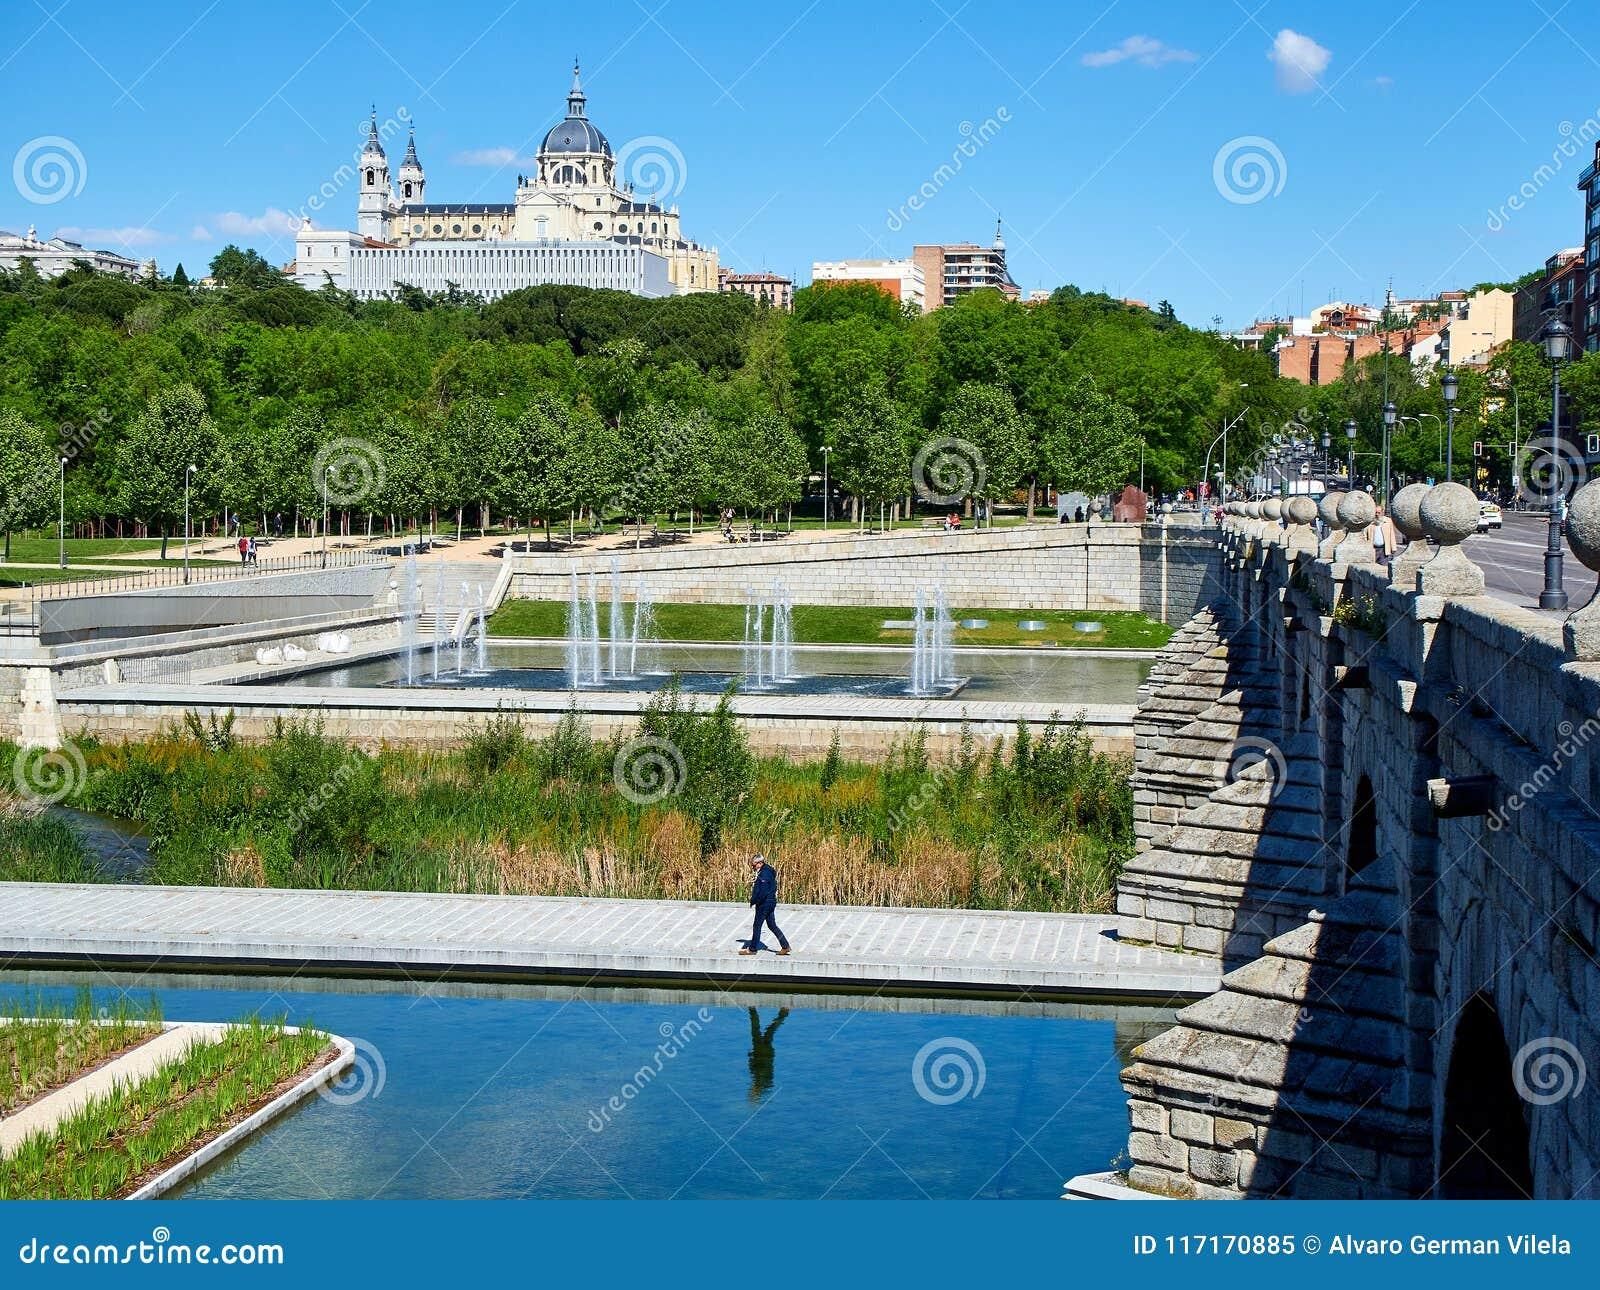 Puente de Segovia bridge crossing the gardens of Madrid Rio.